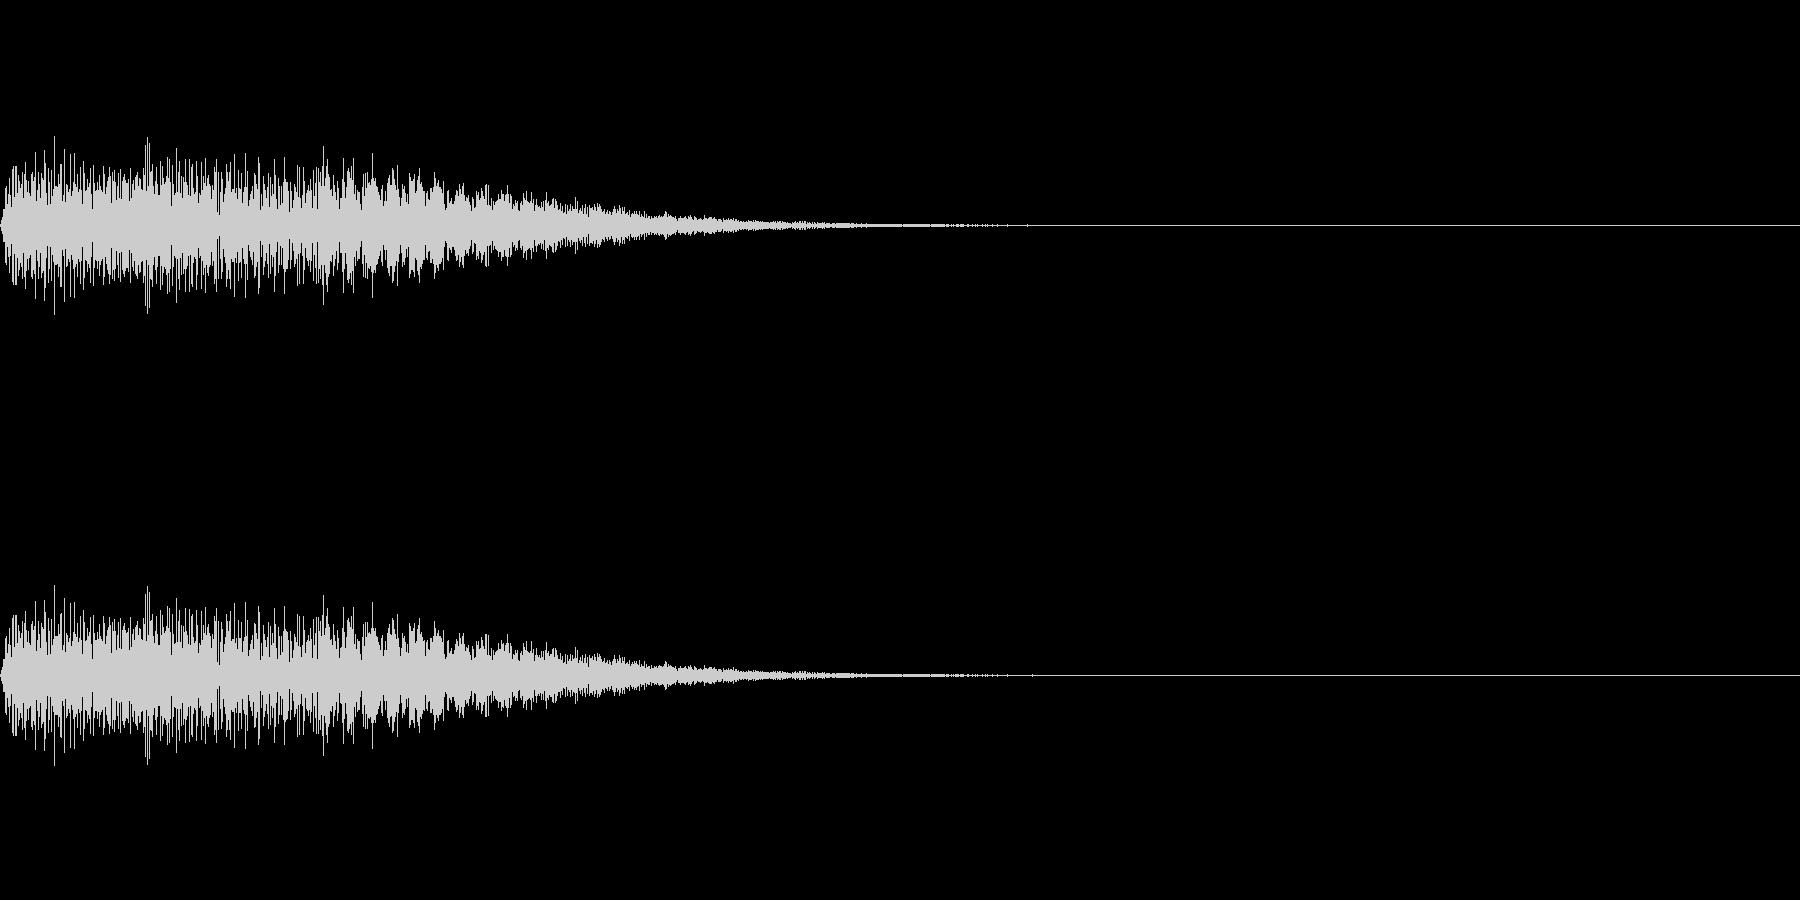 ピアノのエラー音:パソコン音質の未再生の波形